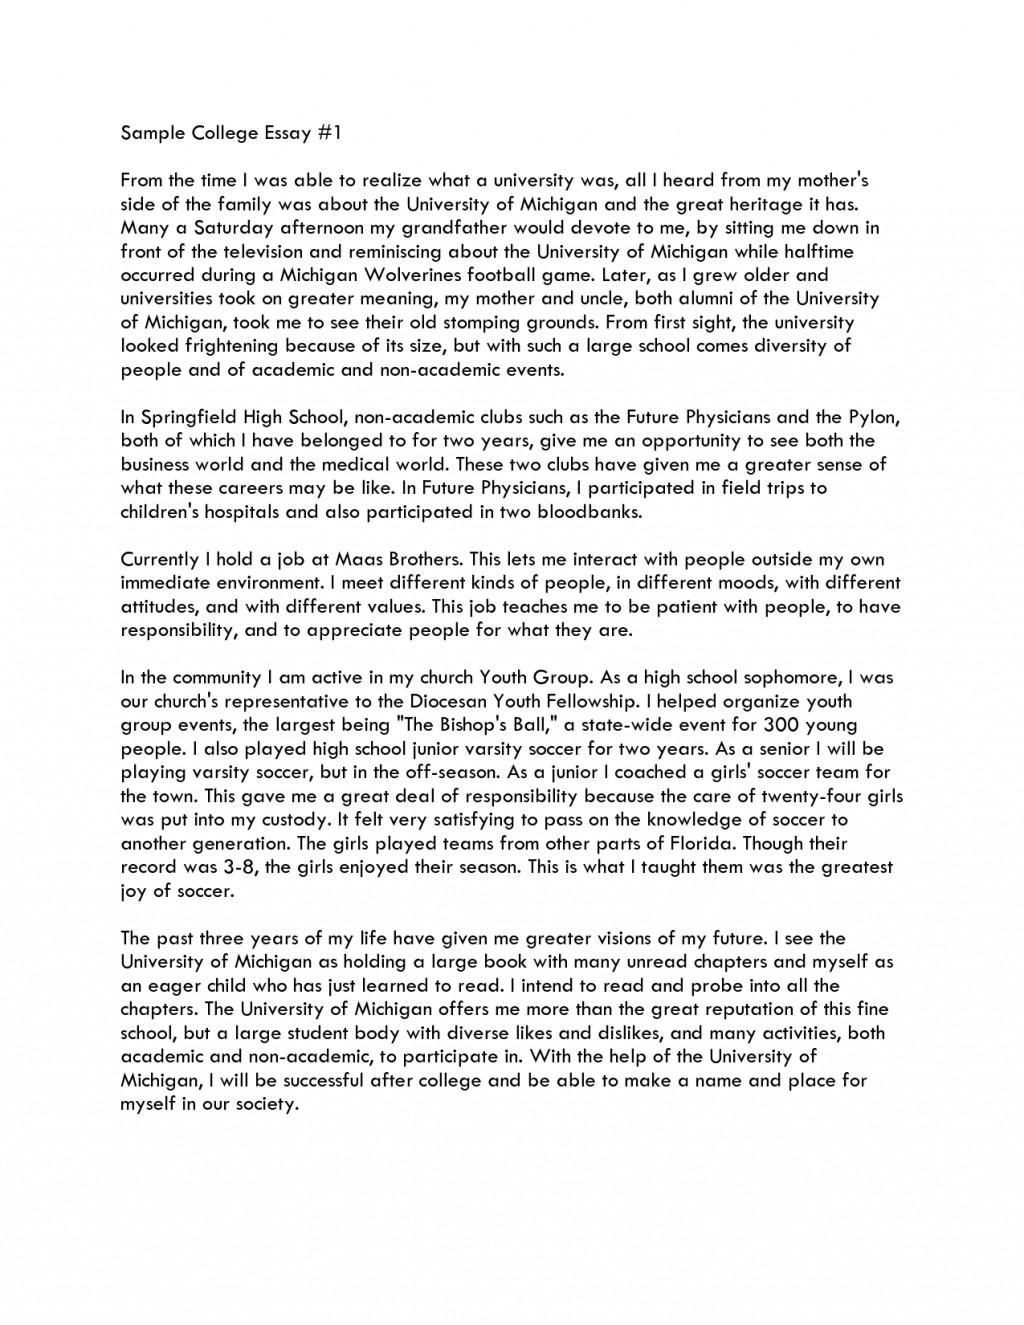 008 Sei7qjtc4a Persuasive Essay Example Excellent College Level Pdf Large